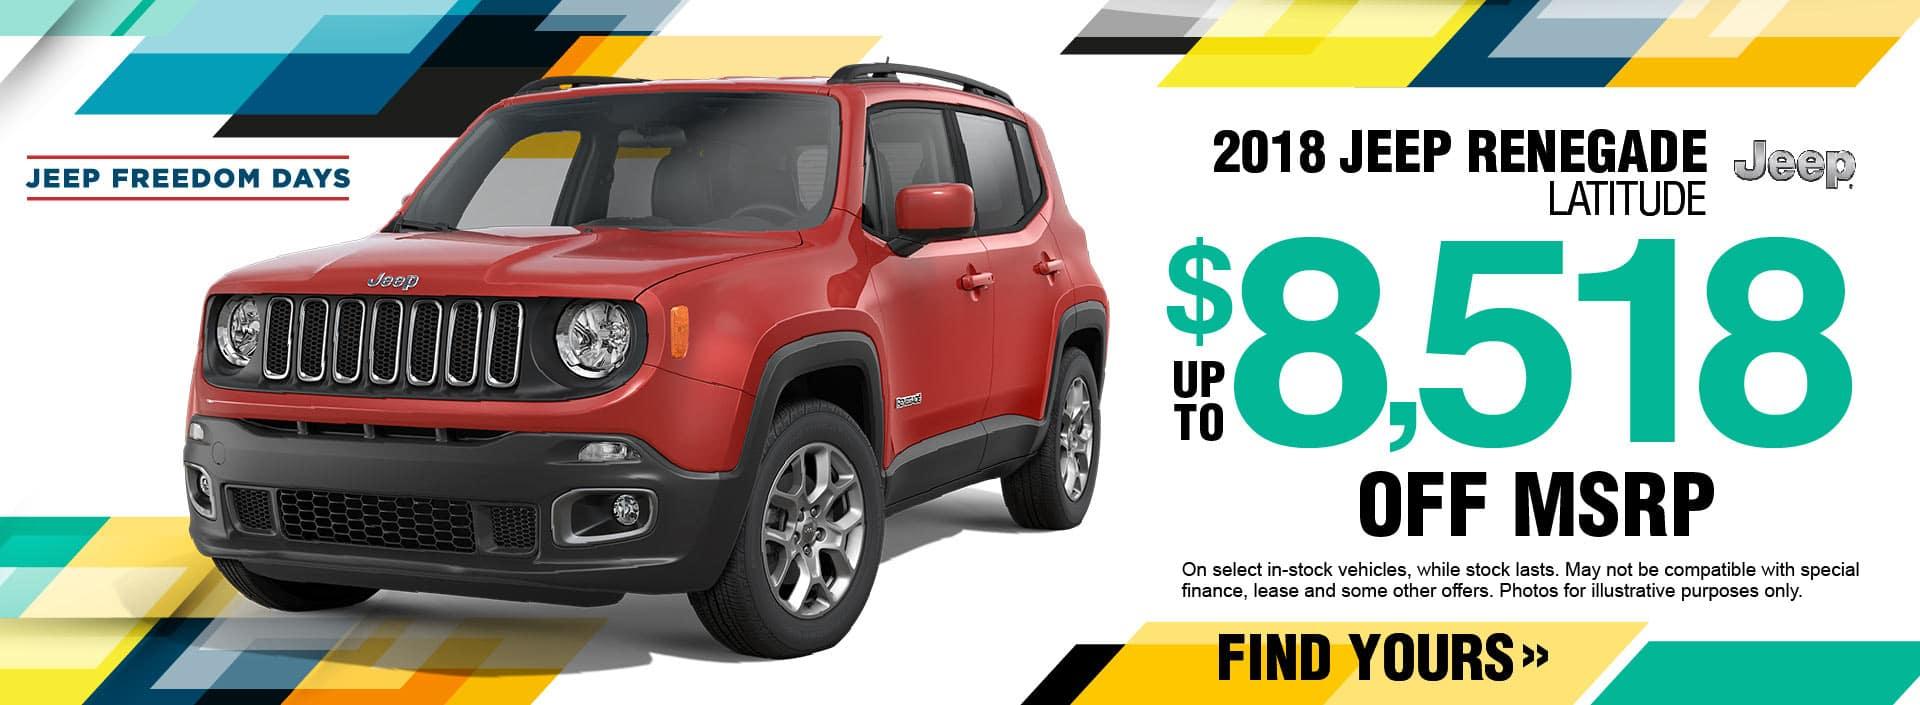 2018 Jeep Renegade Savings